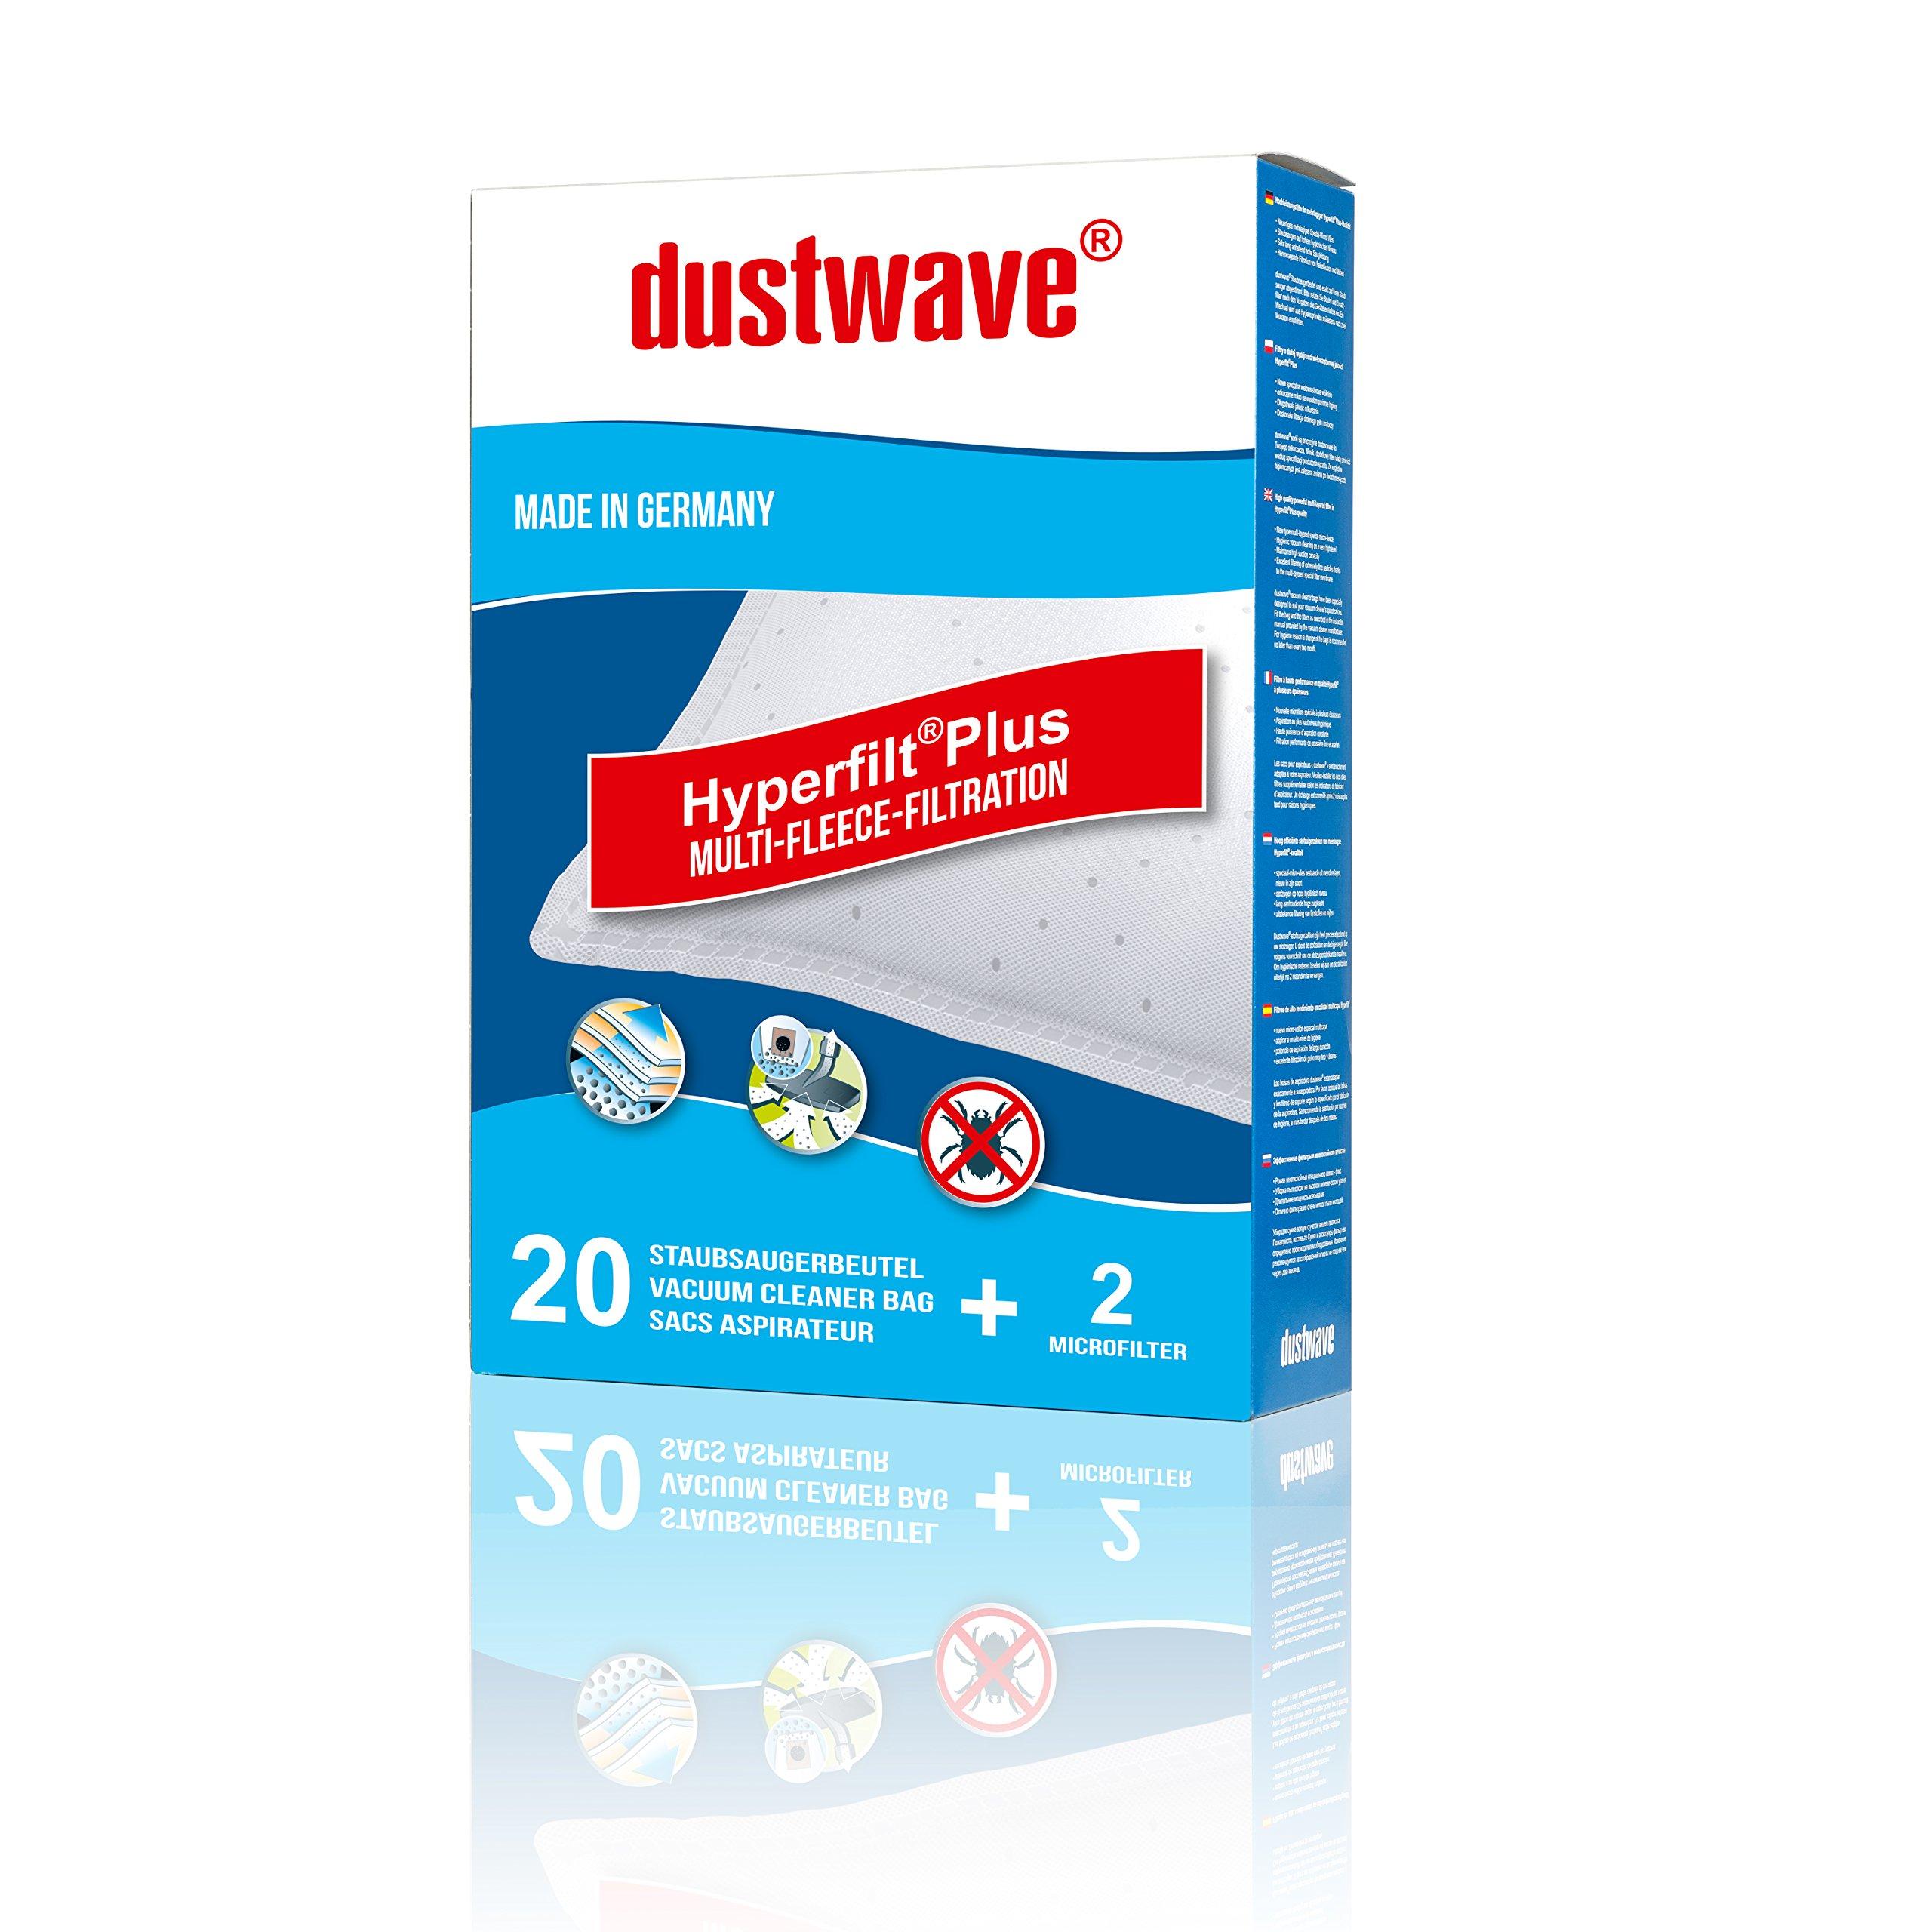 40 filtro de polvo bolsa (Super Pack) Adecuado para Rowenta – 6373 RO SF Compact – Aspiradora – dustwave® Marca Bolsa para el polvo – Fabricado en Alemania + Incluye Micro de filtro: Amazon.es: Hogar